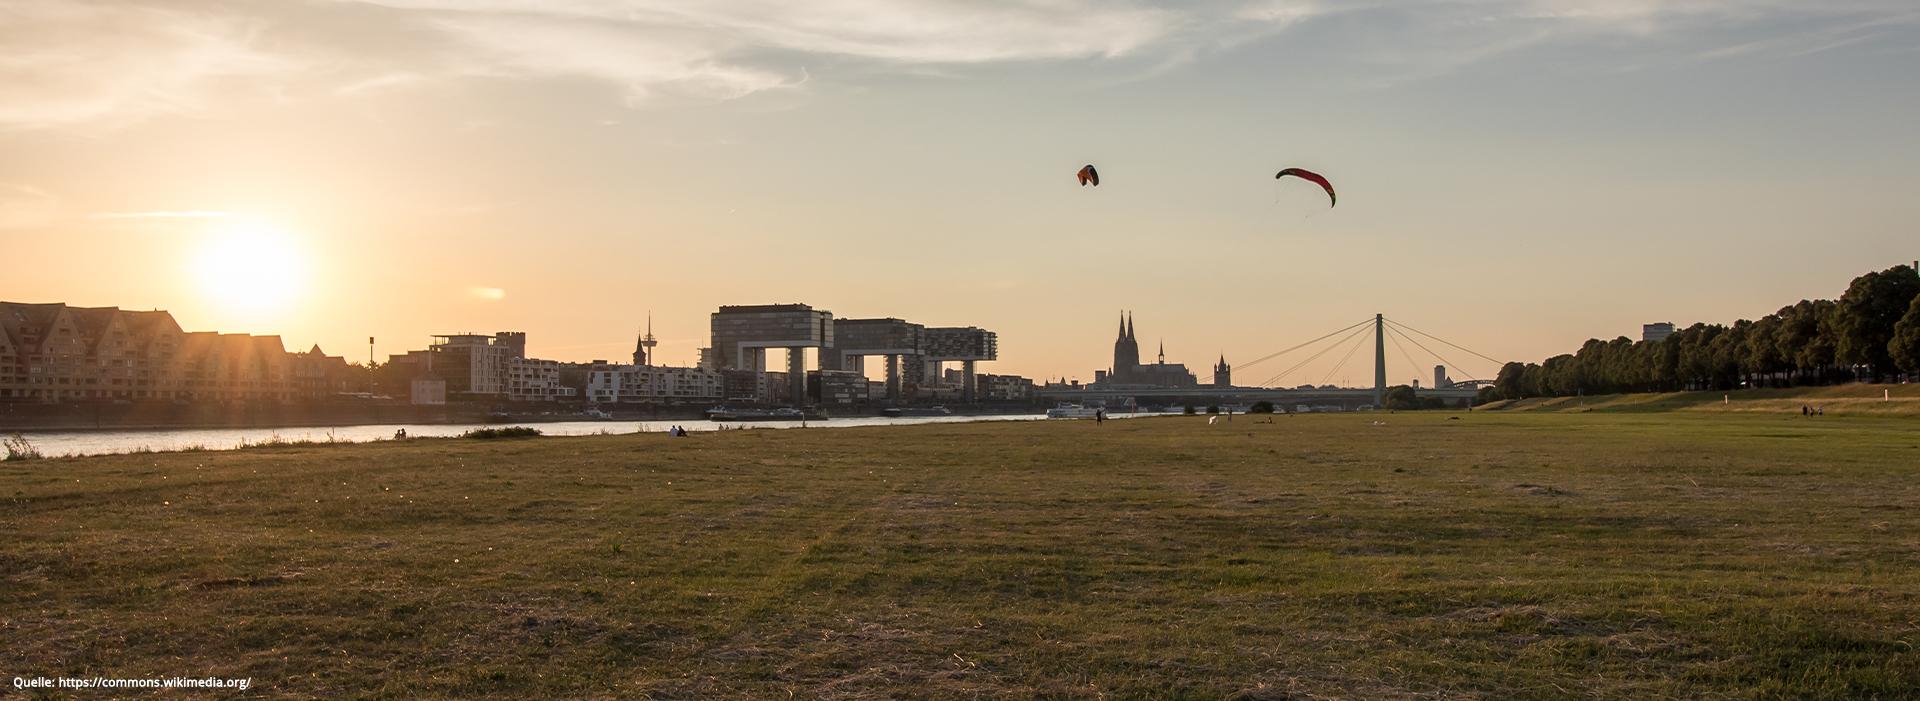 Goost Immobilien, Wohnen im Veedel Köln-Poll